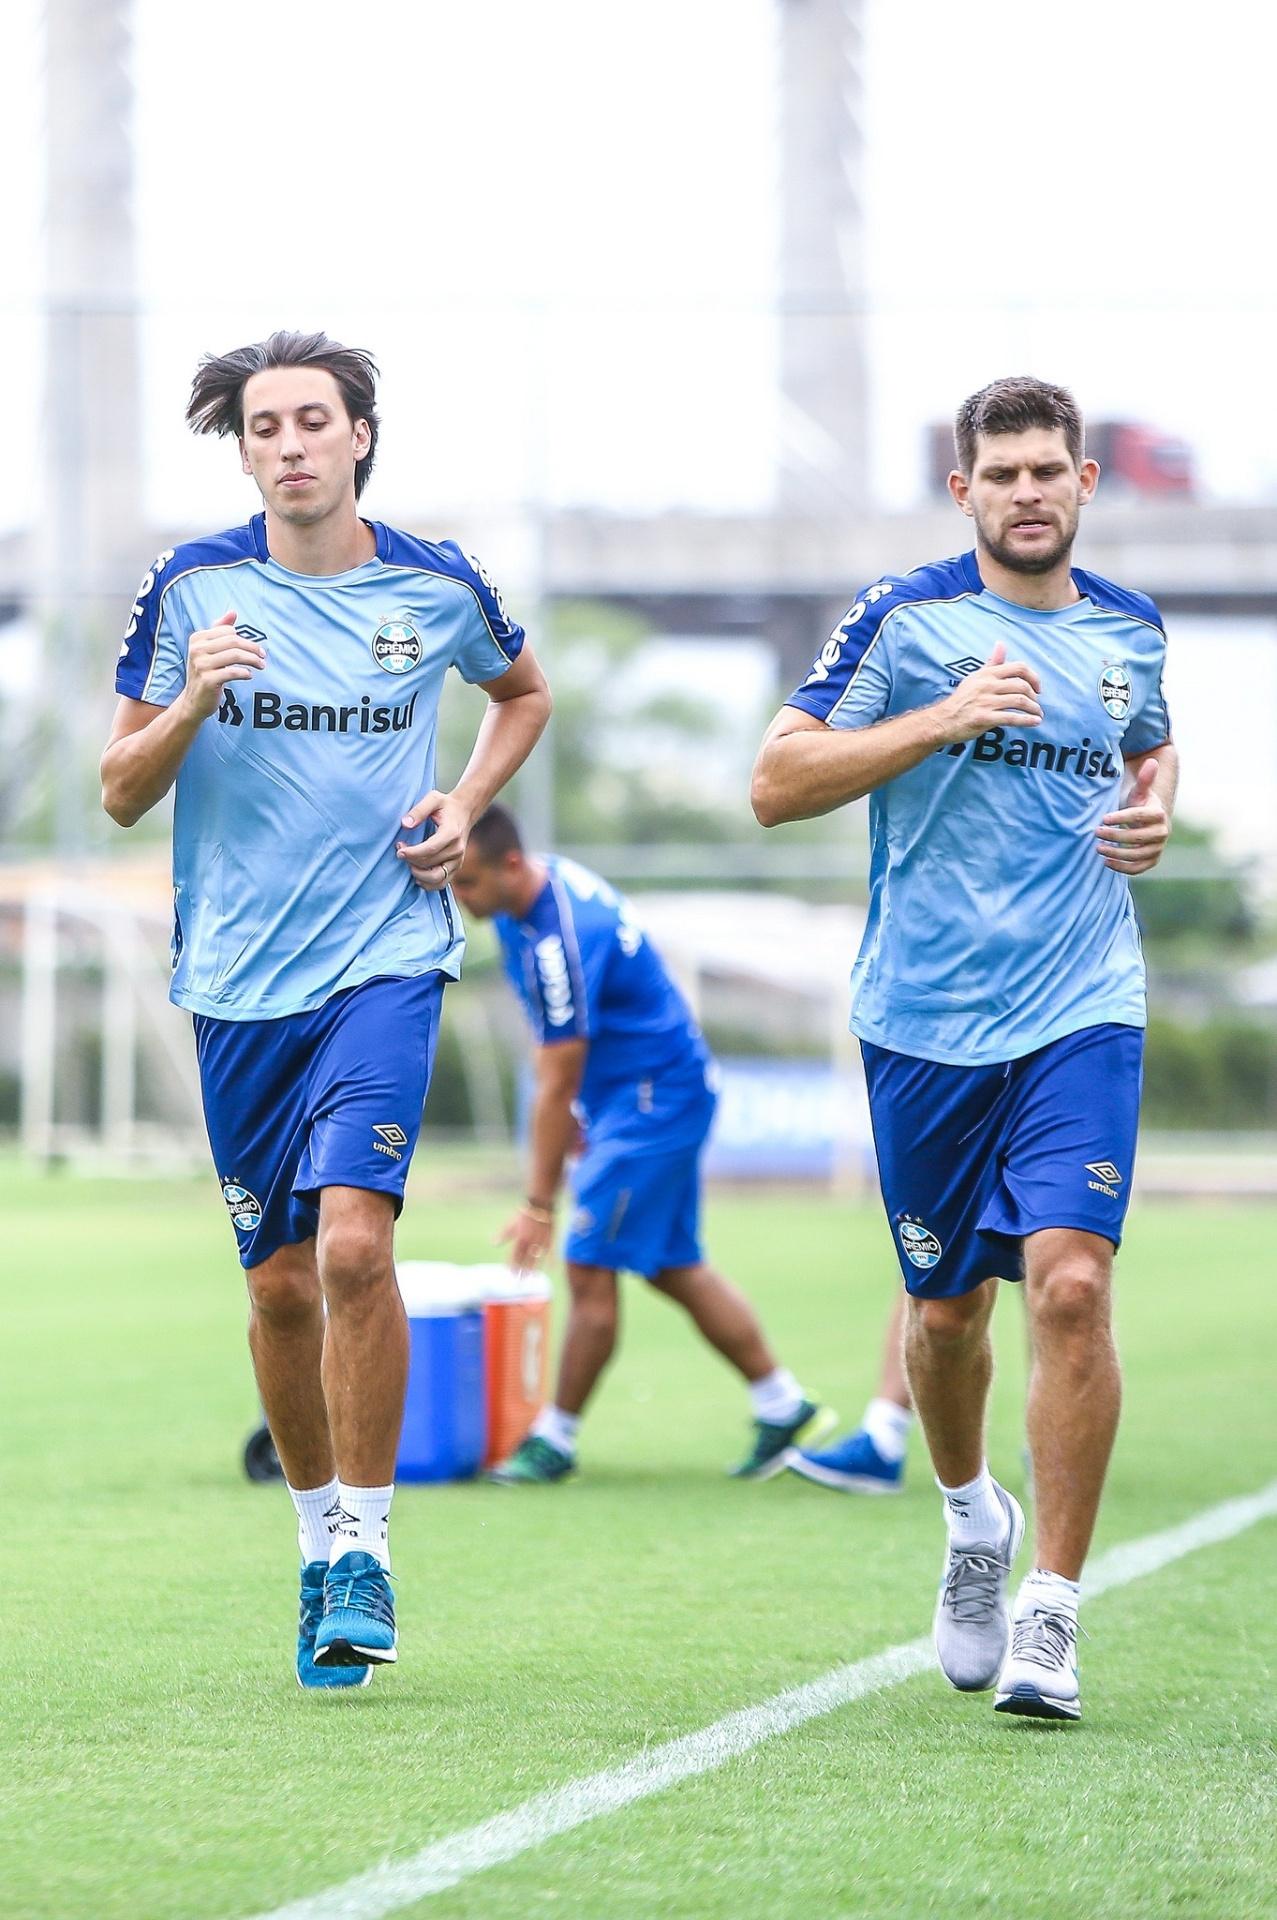 Grêmio espanta assédio e trata Geromel e Kannemann como inegociáveis -  11 01 2019 - UOL Esporte 7c1a4ad27ea4b